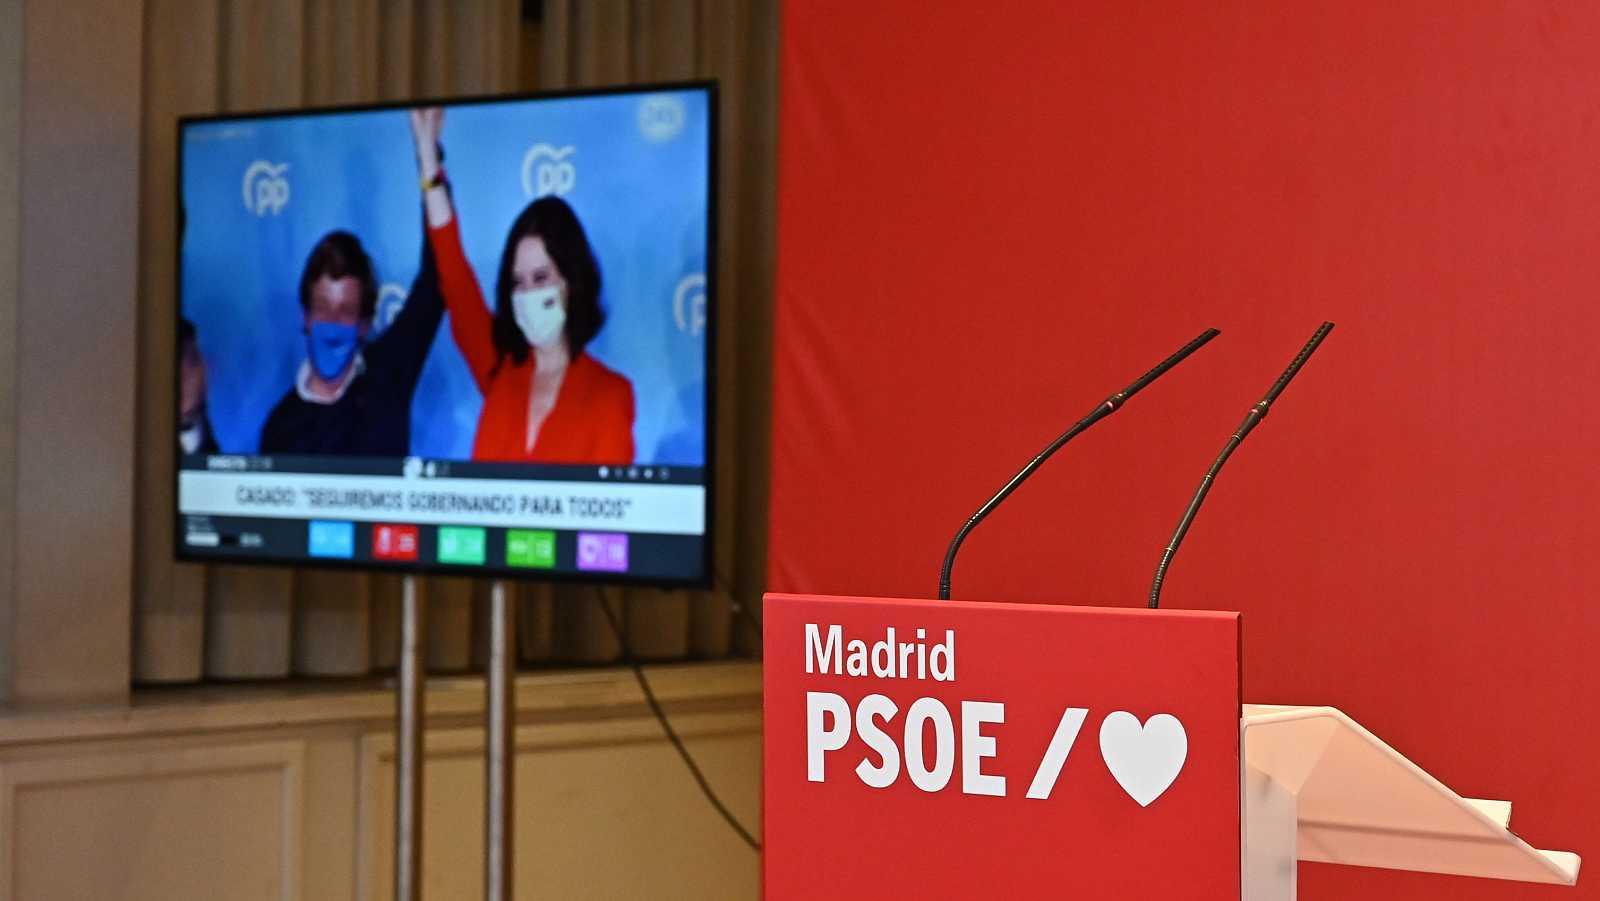 """Las mañanas de RNE con Íñigo Alfonso - El PSOE atribuye la debacle a la fatiga pandémica y subraya que """"Madrid no representa al conjunto de España"""" - Escuchar ahora"""